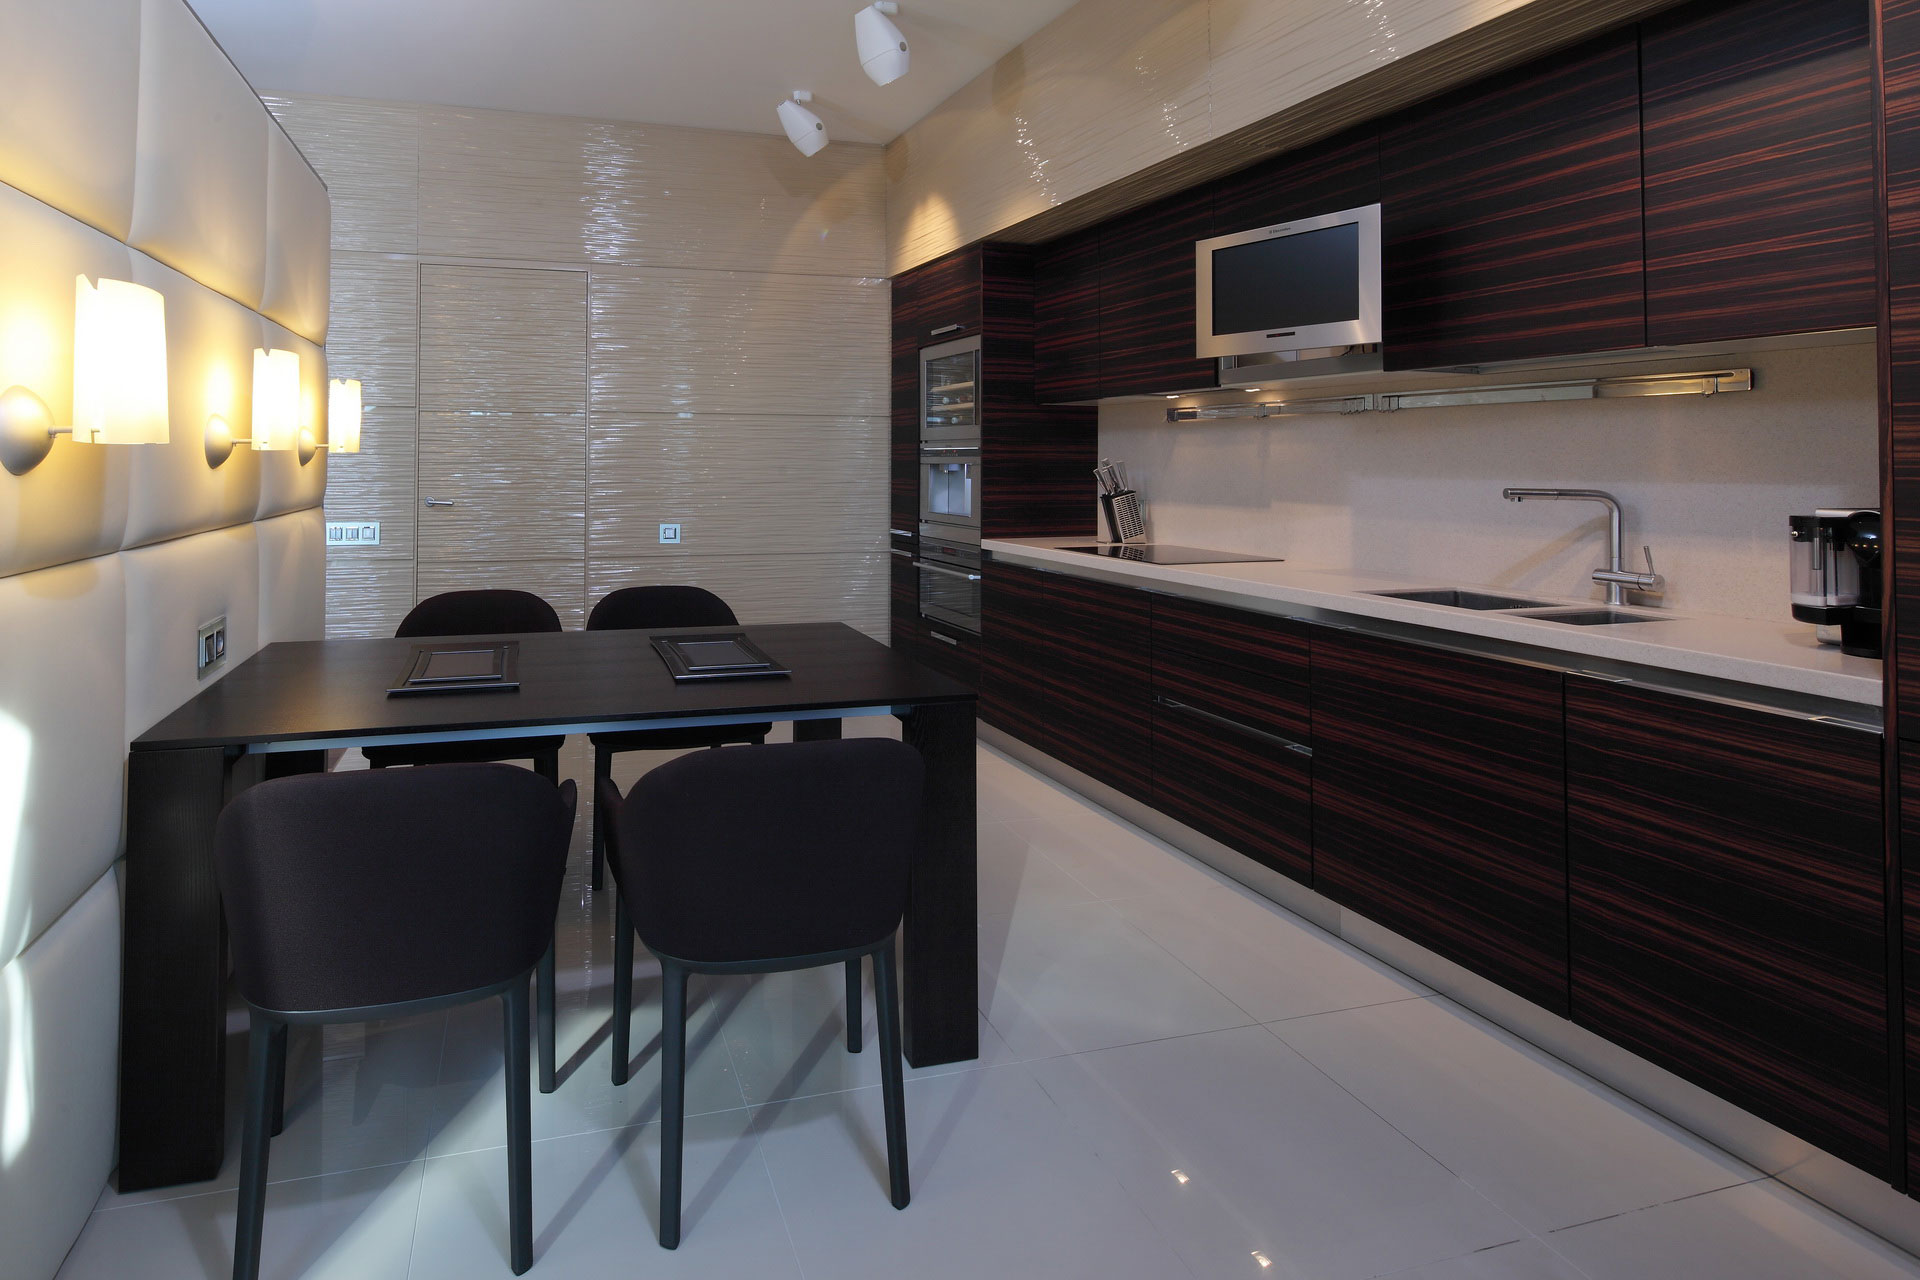 Фото интерьера кухни пентхауса в стиле минимализм.